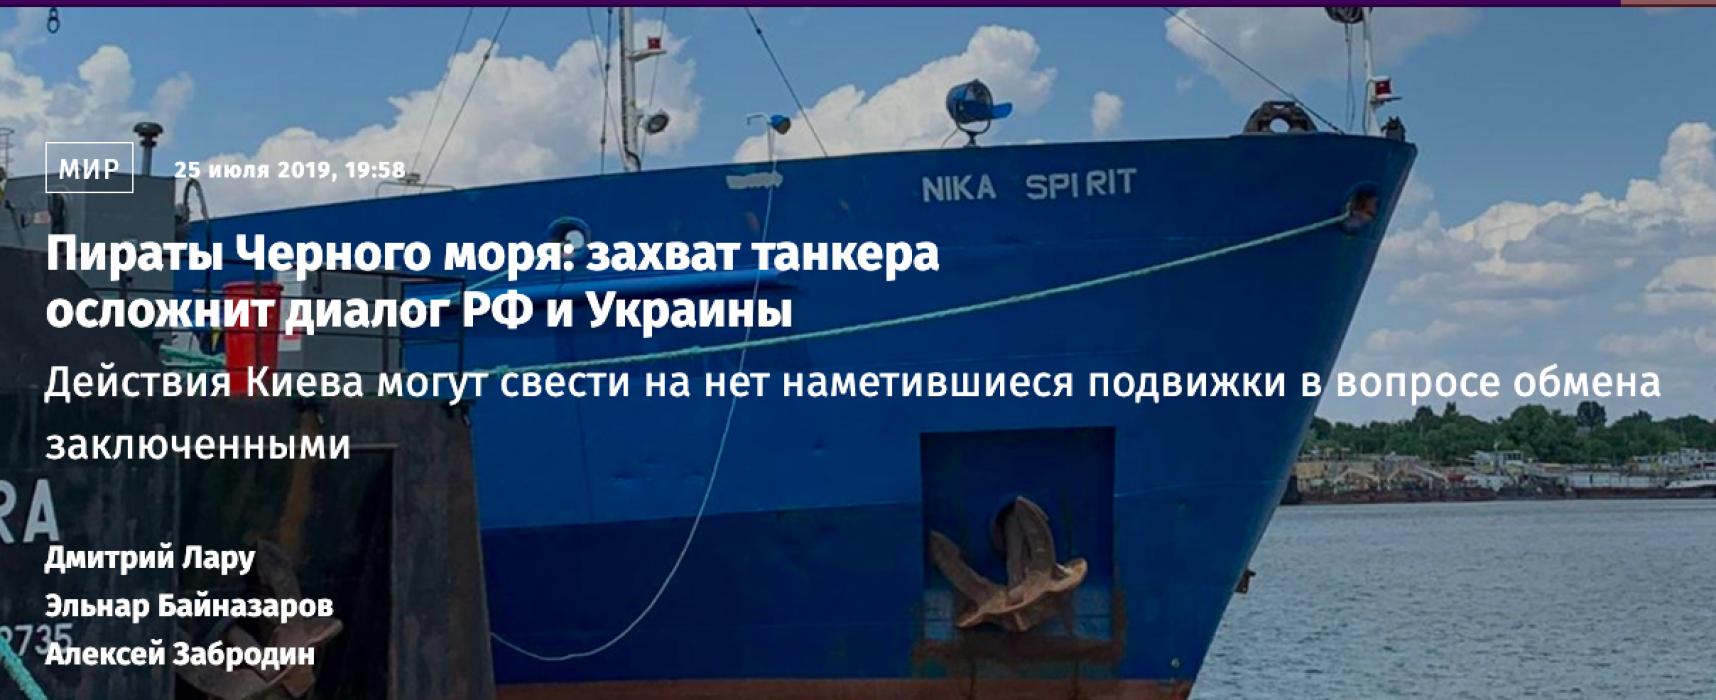 Фейк: Задержание российского танкера в Измаиле – провокация Порошенко